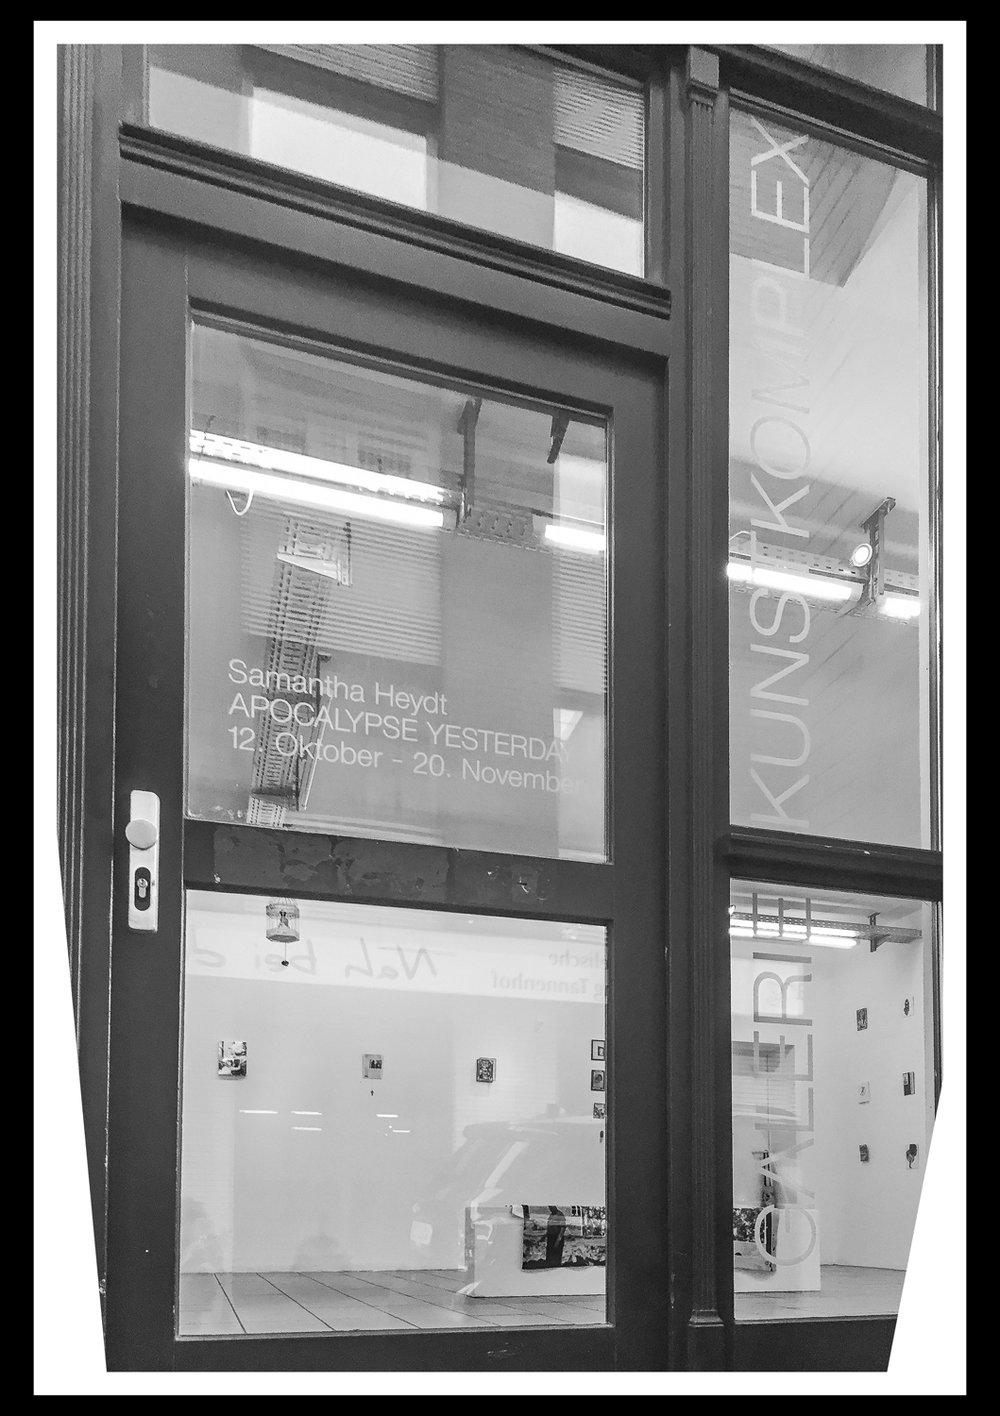 Kunstkomplex-ExhibitionPhotos-HEYDT-9.jpg